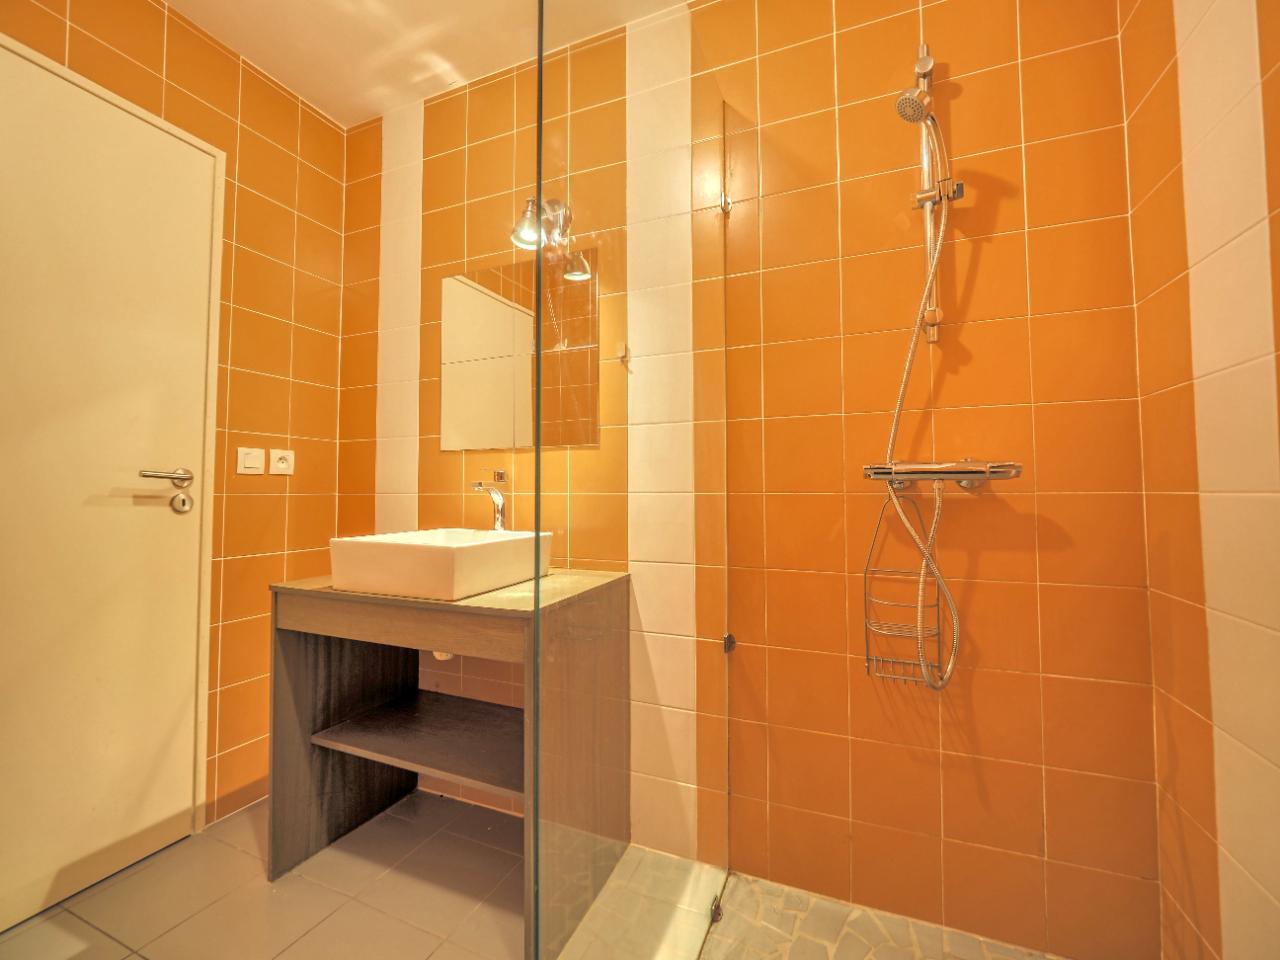 Vente appartement T3  à CIBOURE - 5